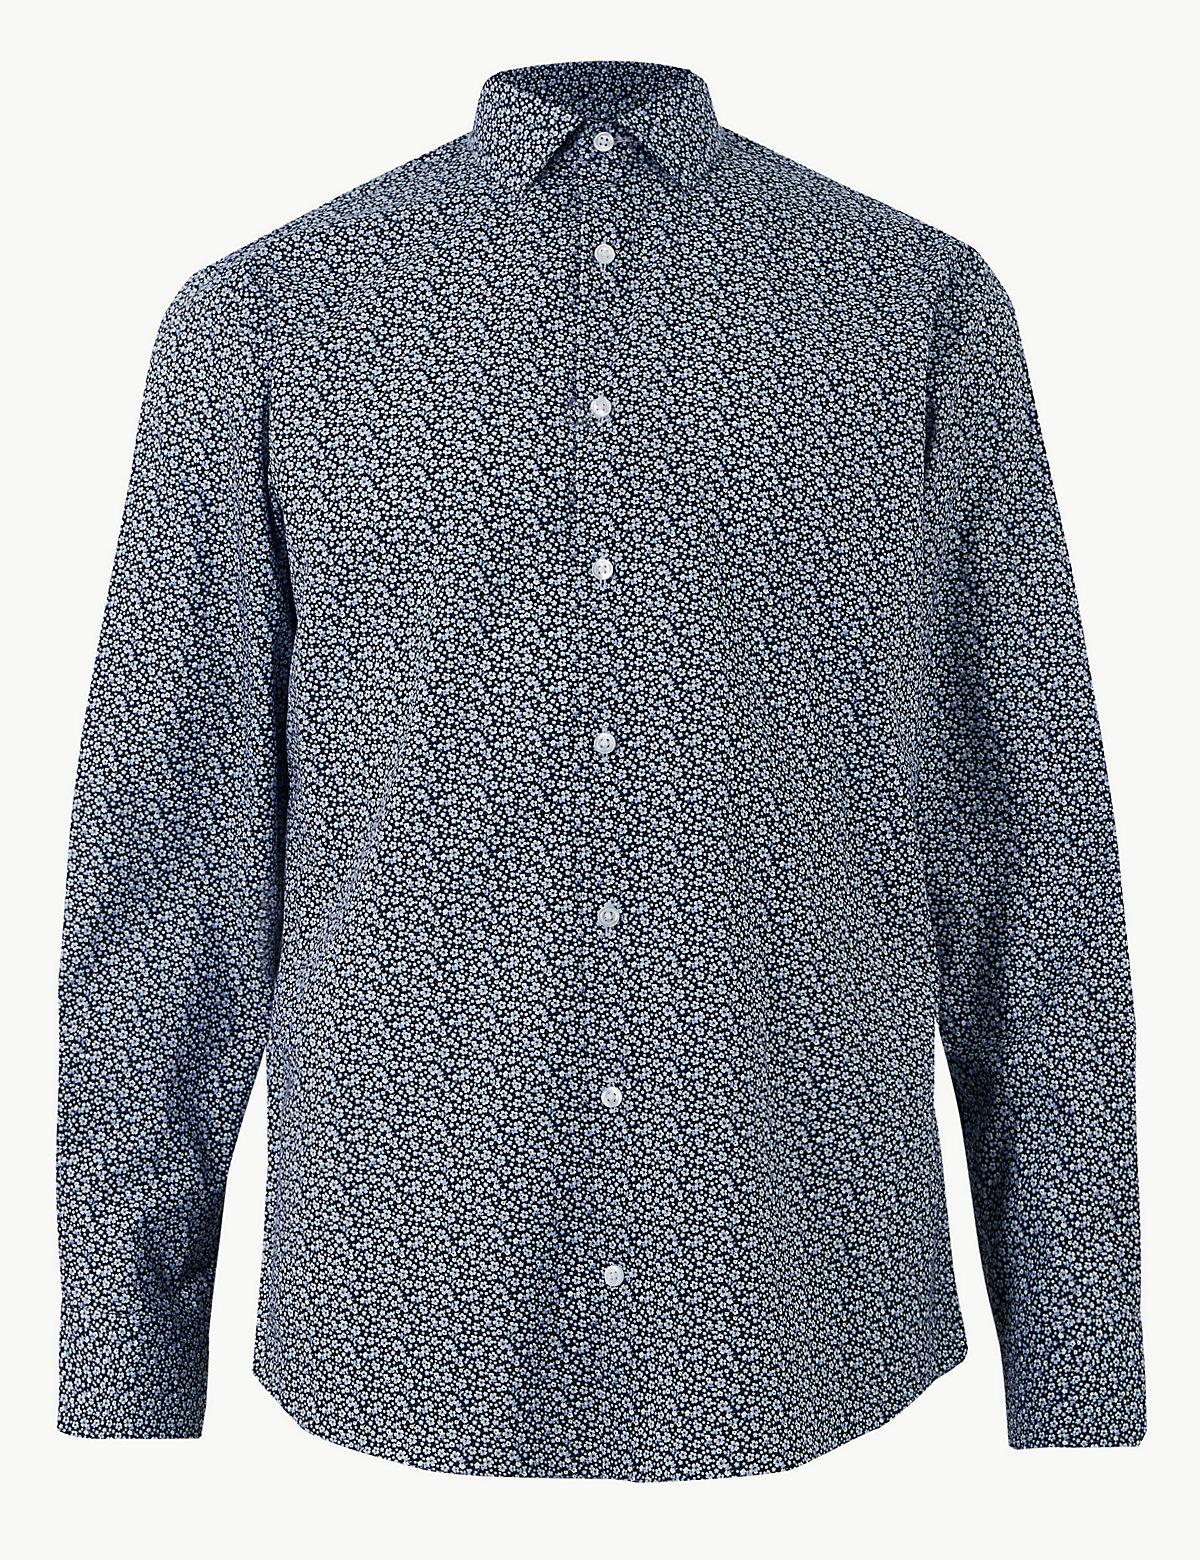 Рубашка мужская в цветочек с добавлением хлопка